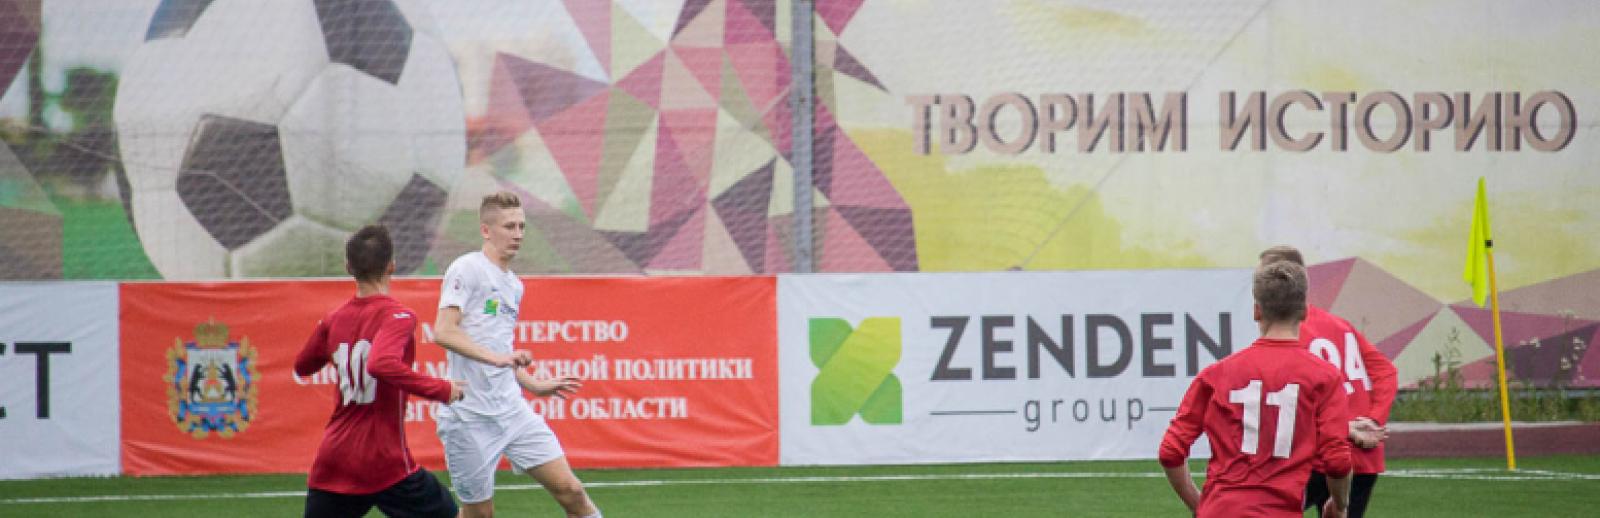 «Электрон» сыграл вничью с «Карелией» и потерял шансы на победу в III лиге